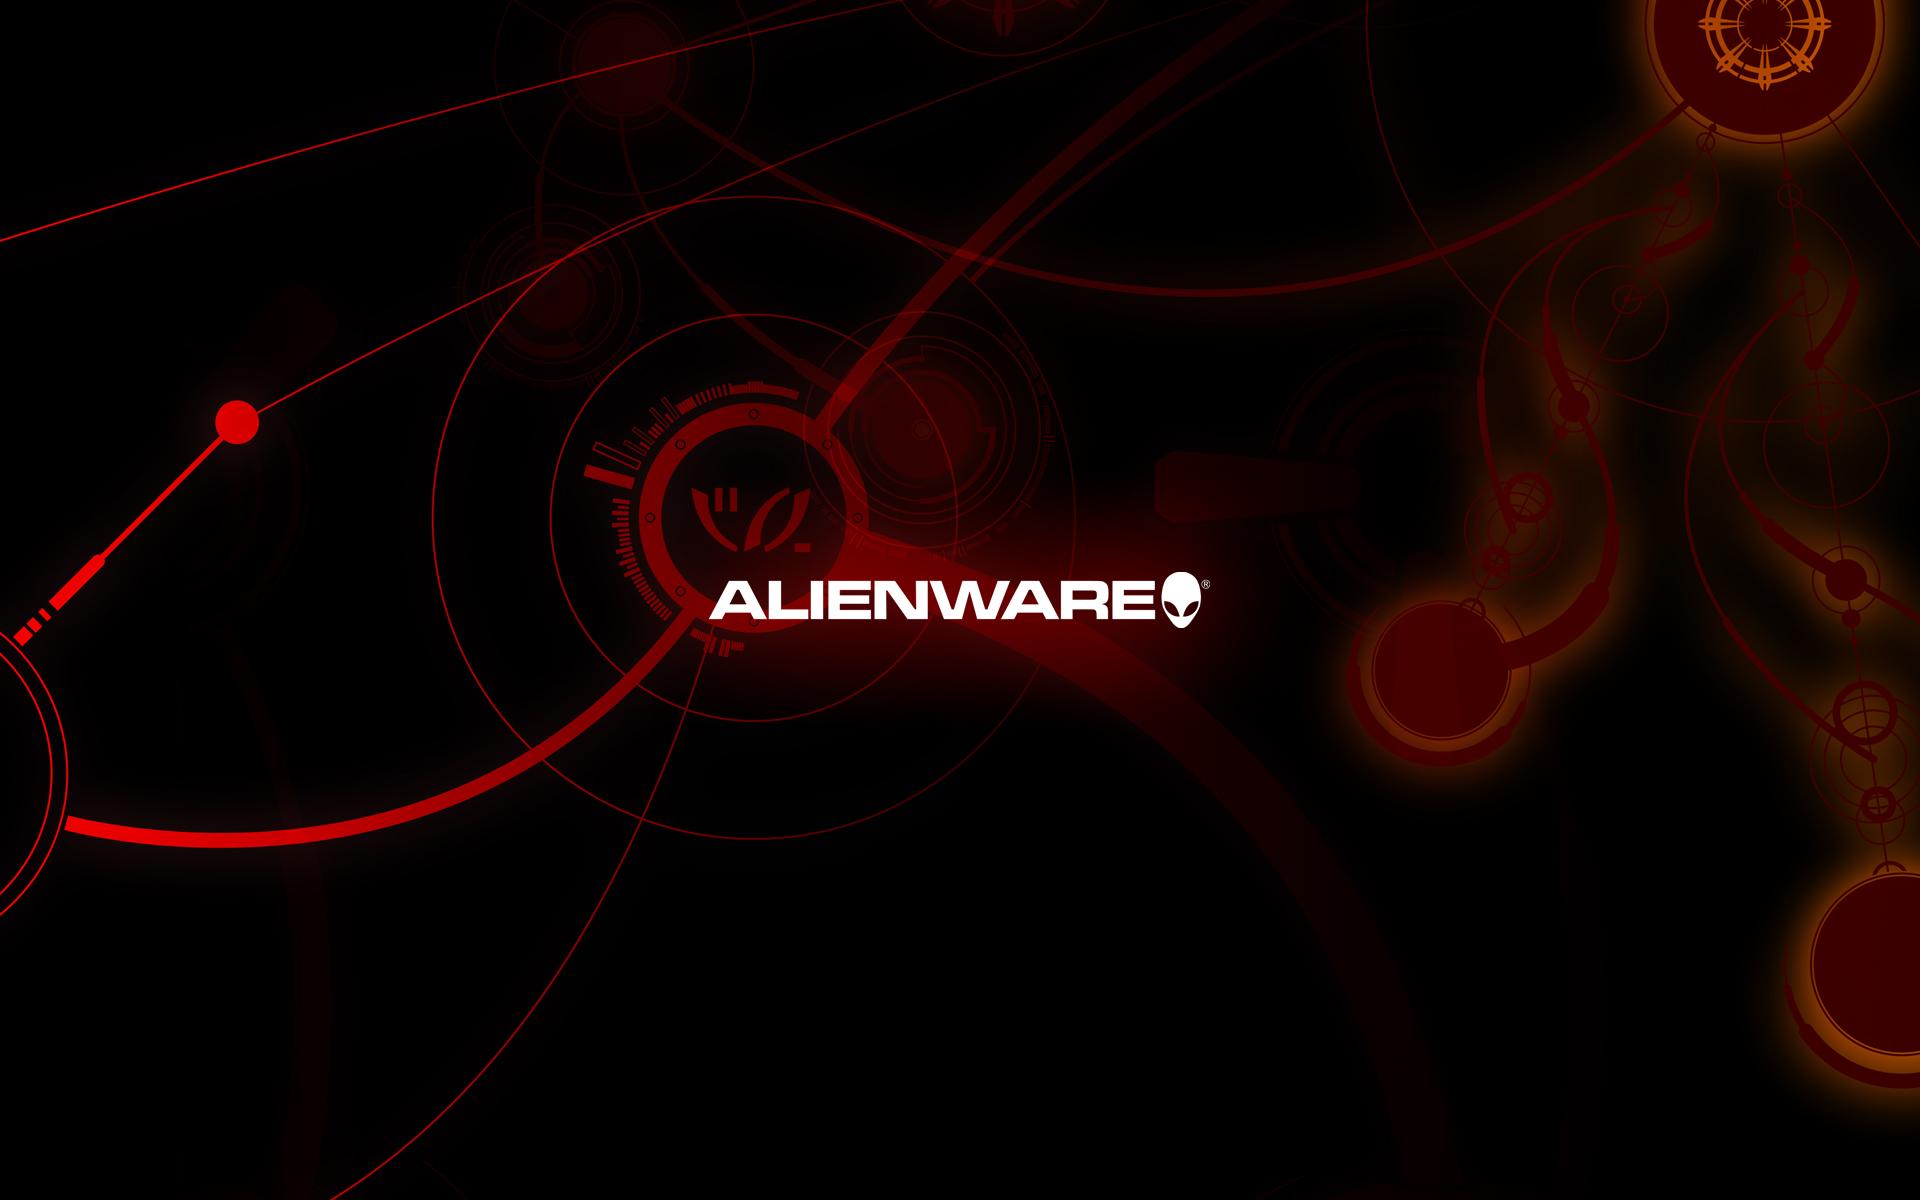 alienware wallpaper 41233